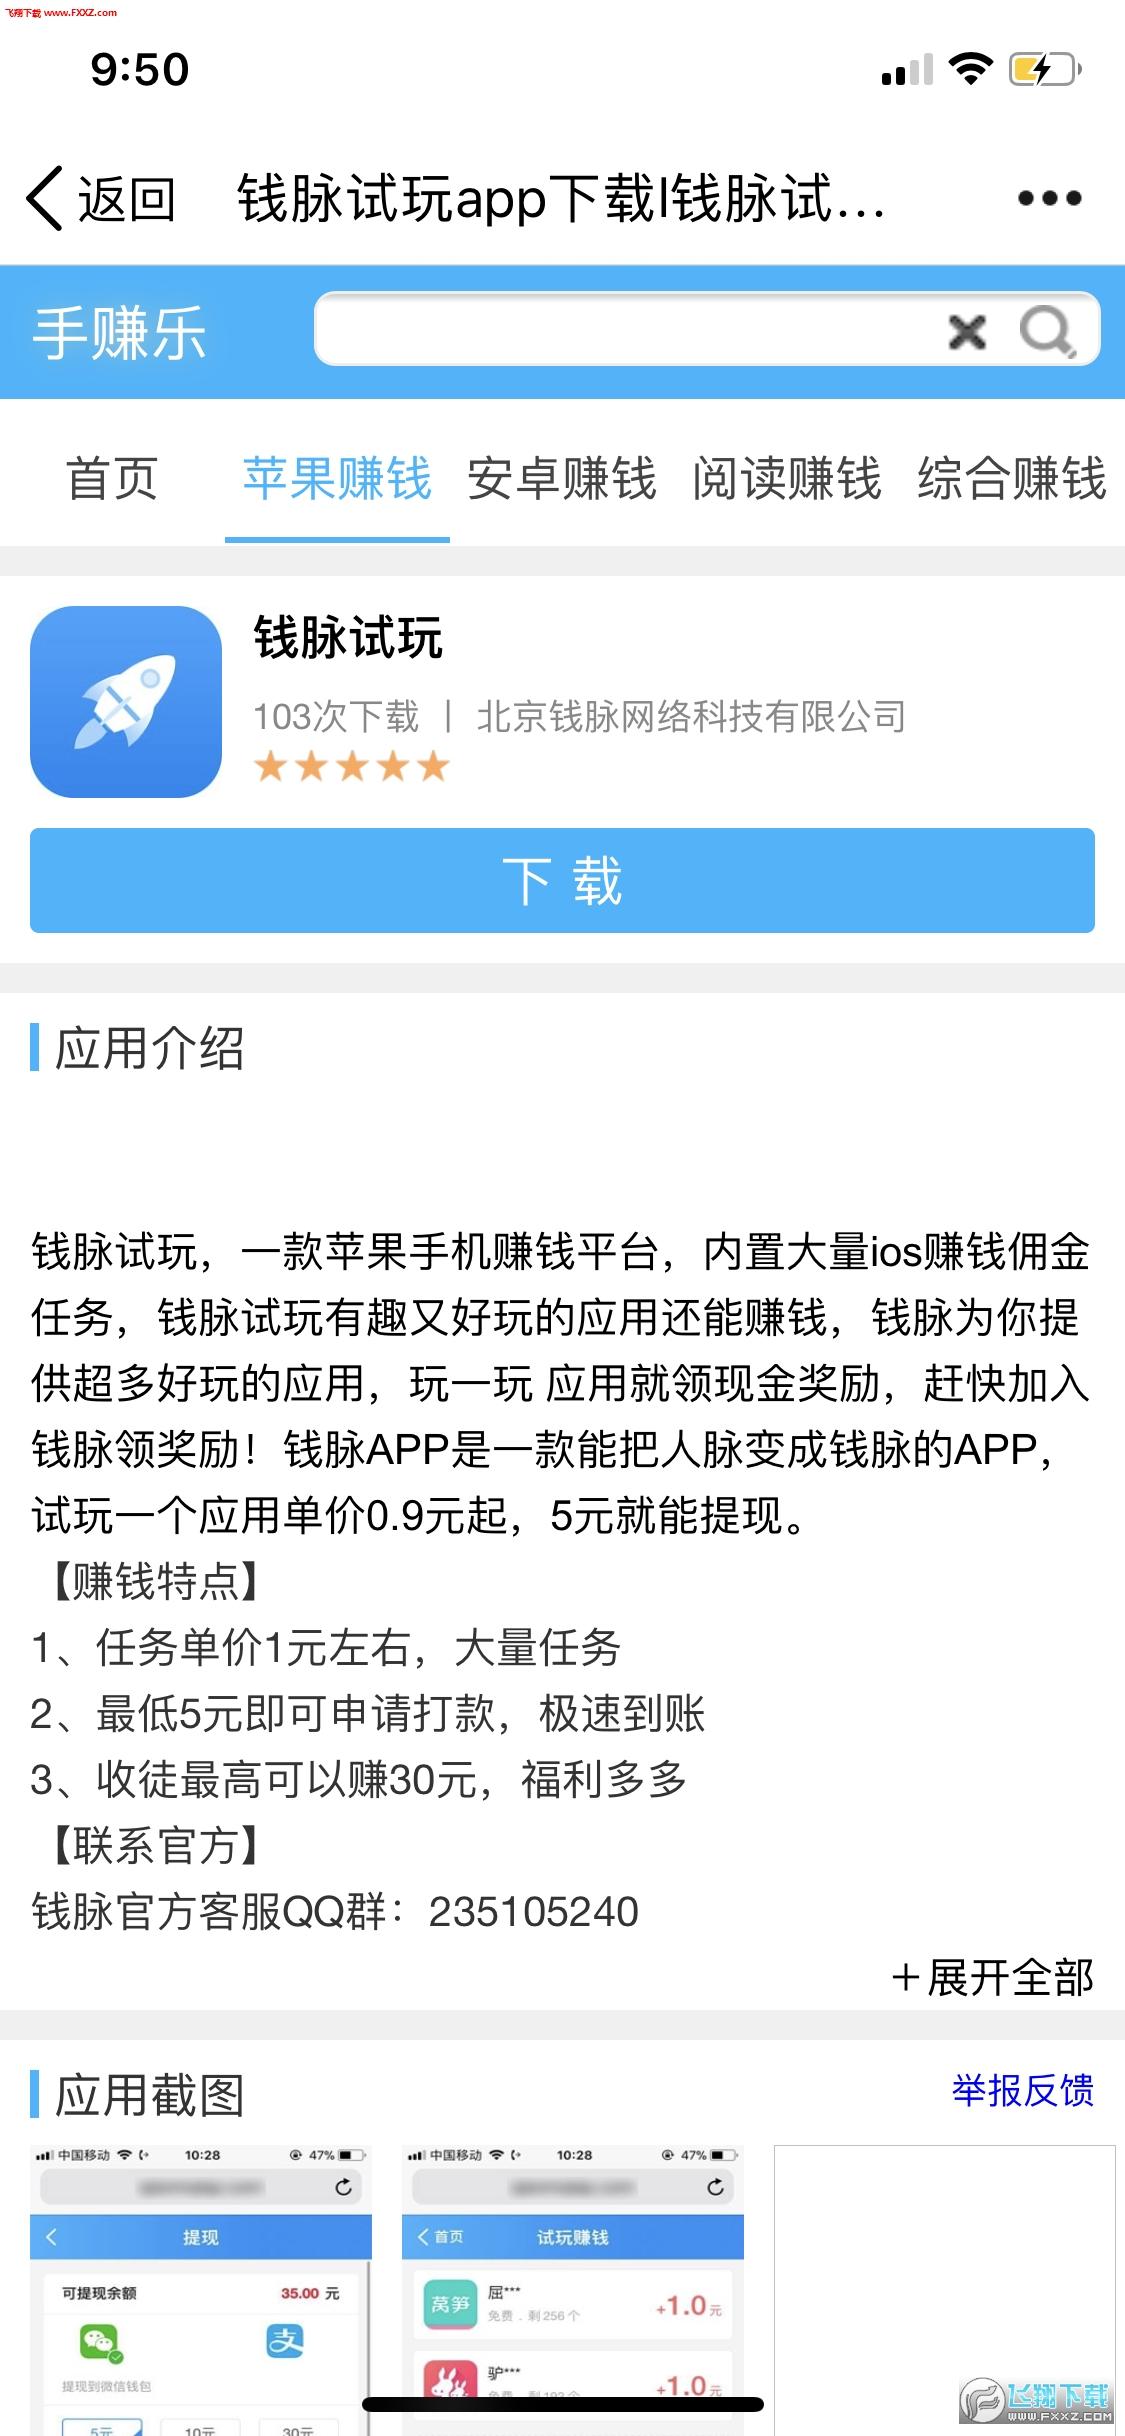 手赚乐app官网安卓版1.0.0截图1